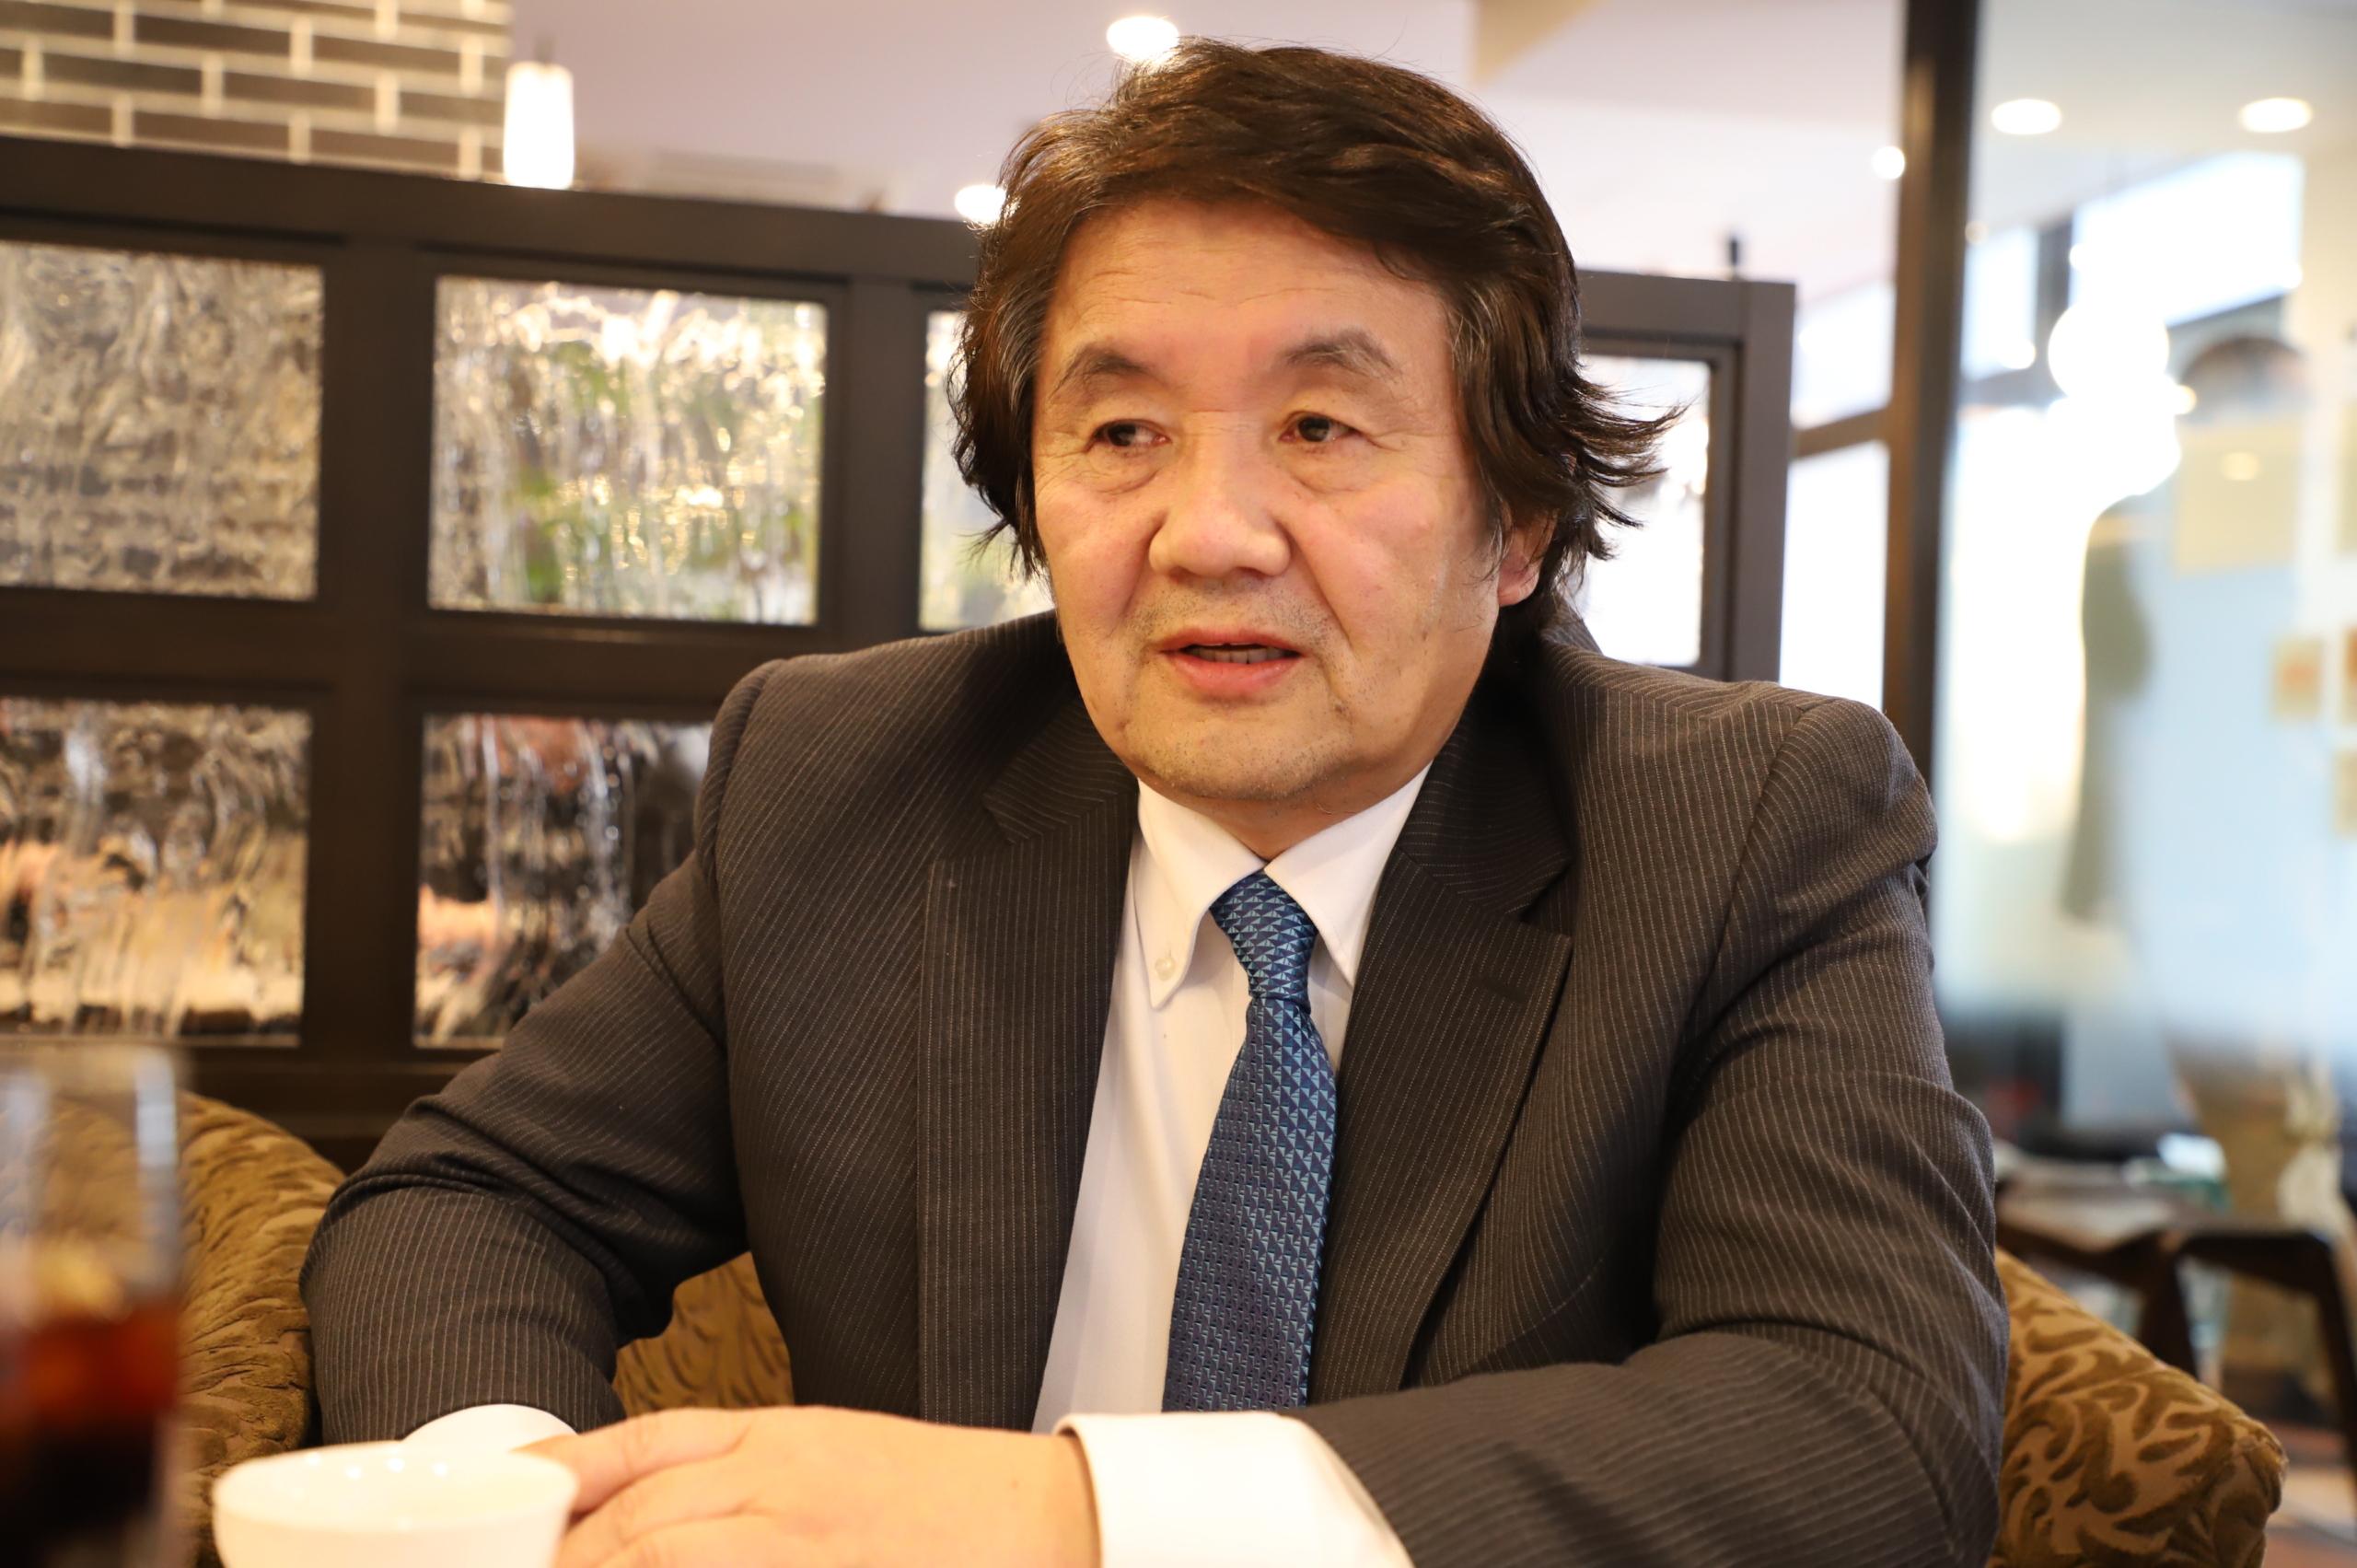 消費生活評論家・岩田昭男さんが語るキャッシュレスの未来